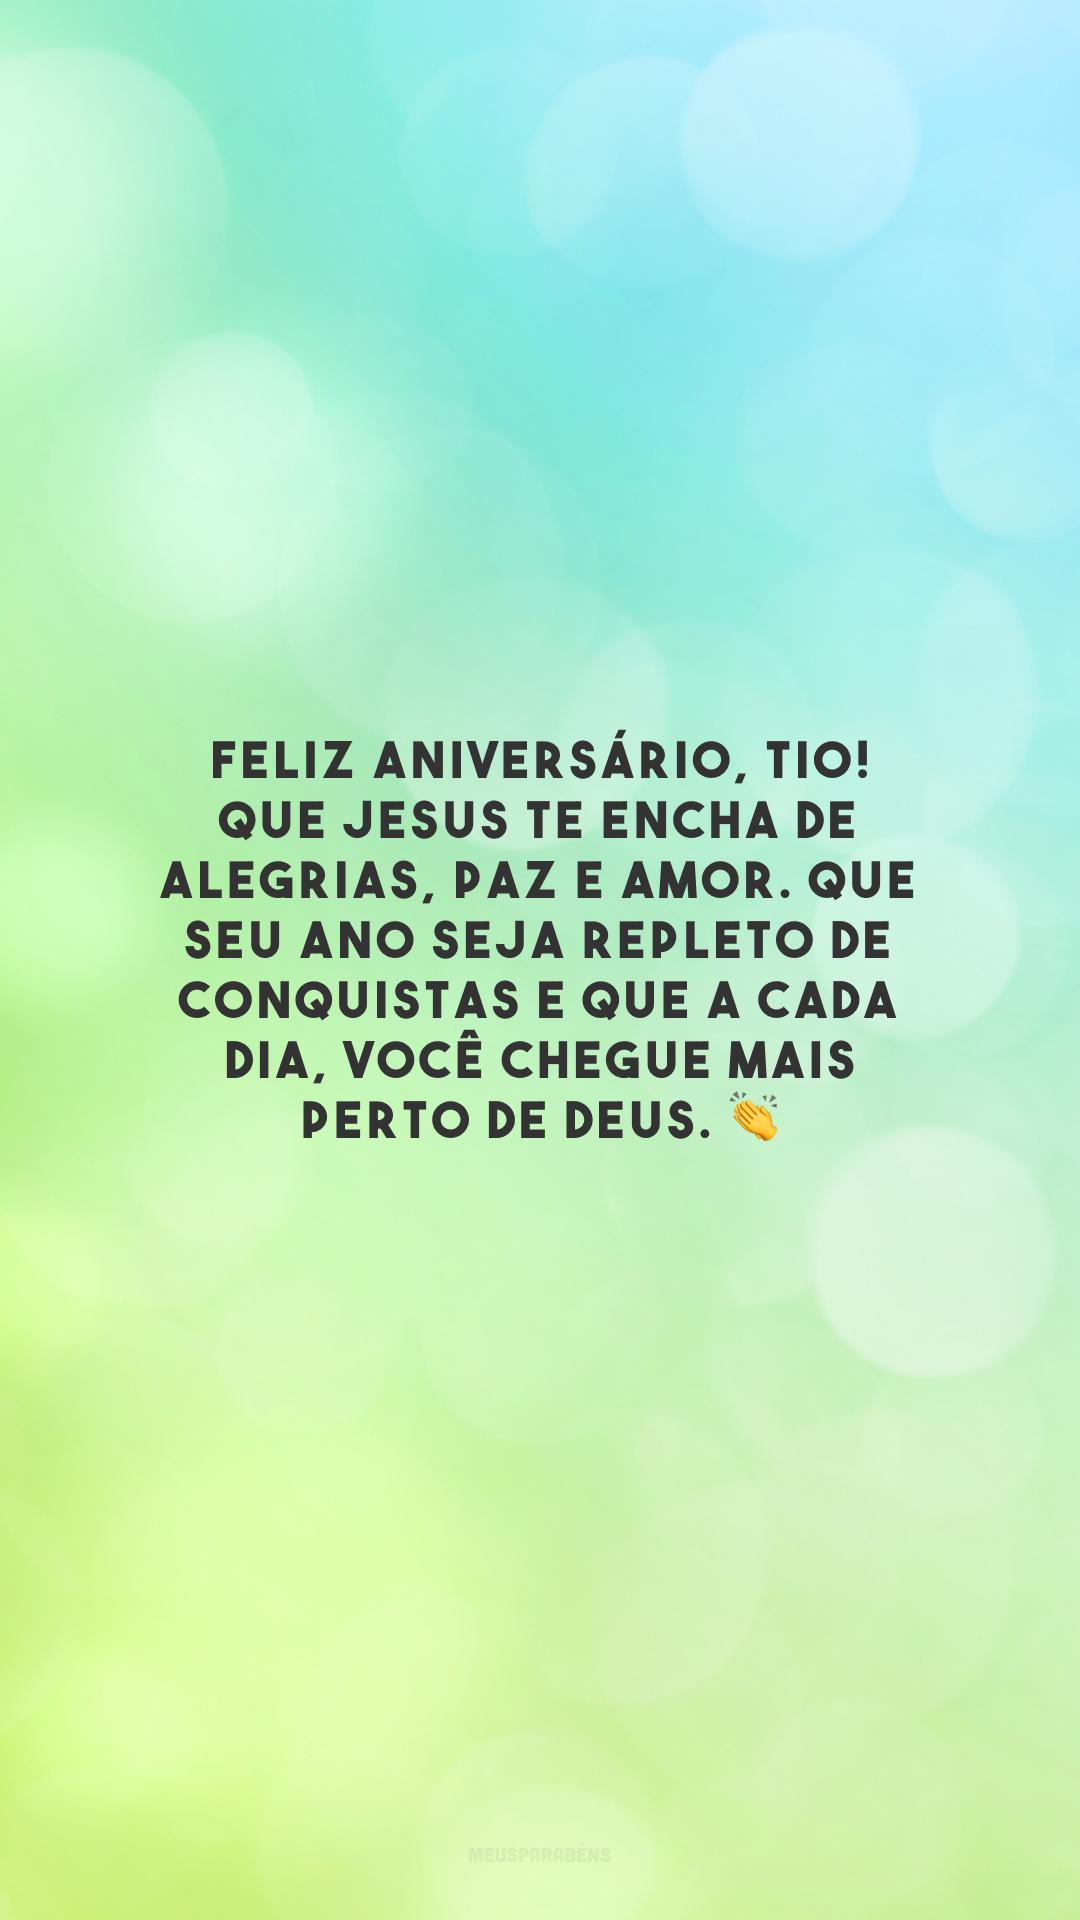 Feliz aniversário, tio! Que Jesus te encha de alegrias, paz e amor. Que seu ano seja repleto de conquistas e que a cada dia, você chegue mais perto de Deus. 👏